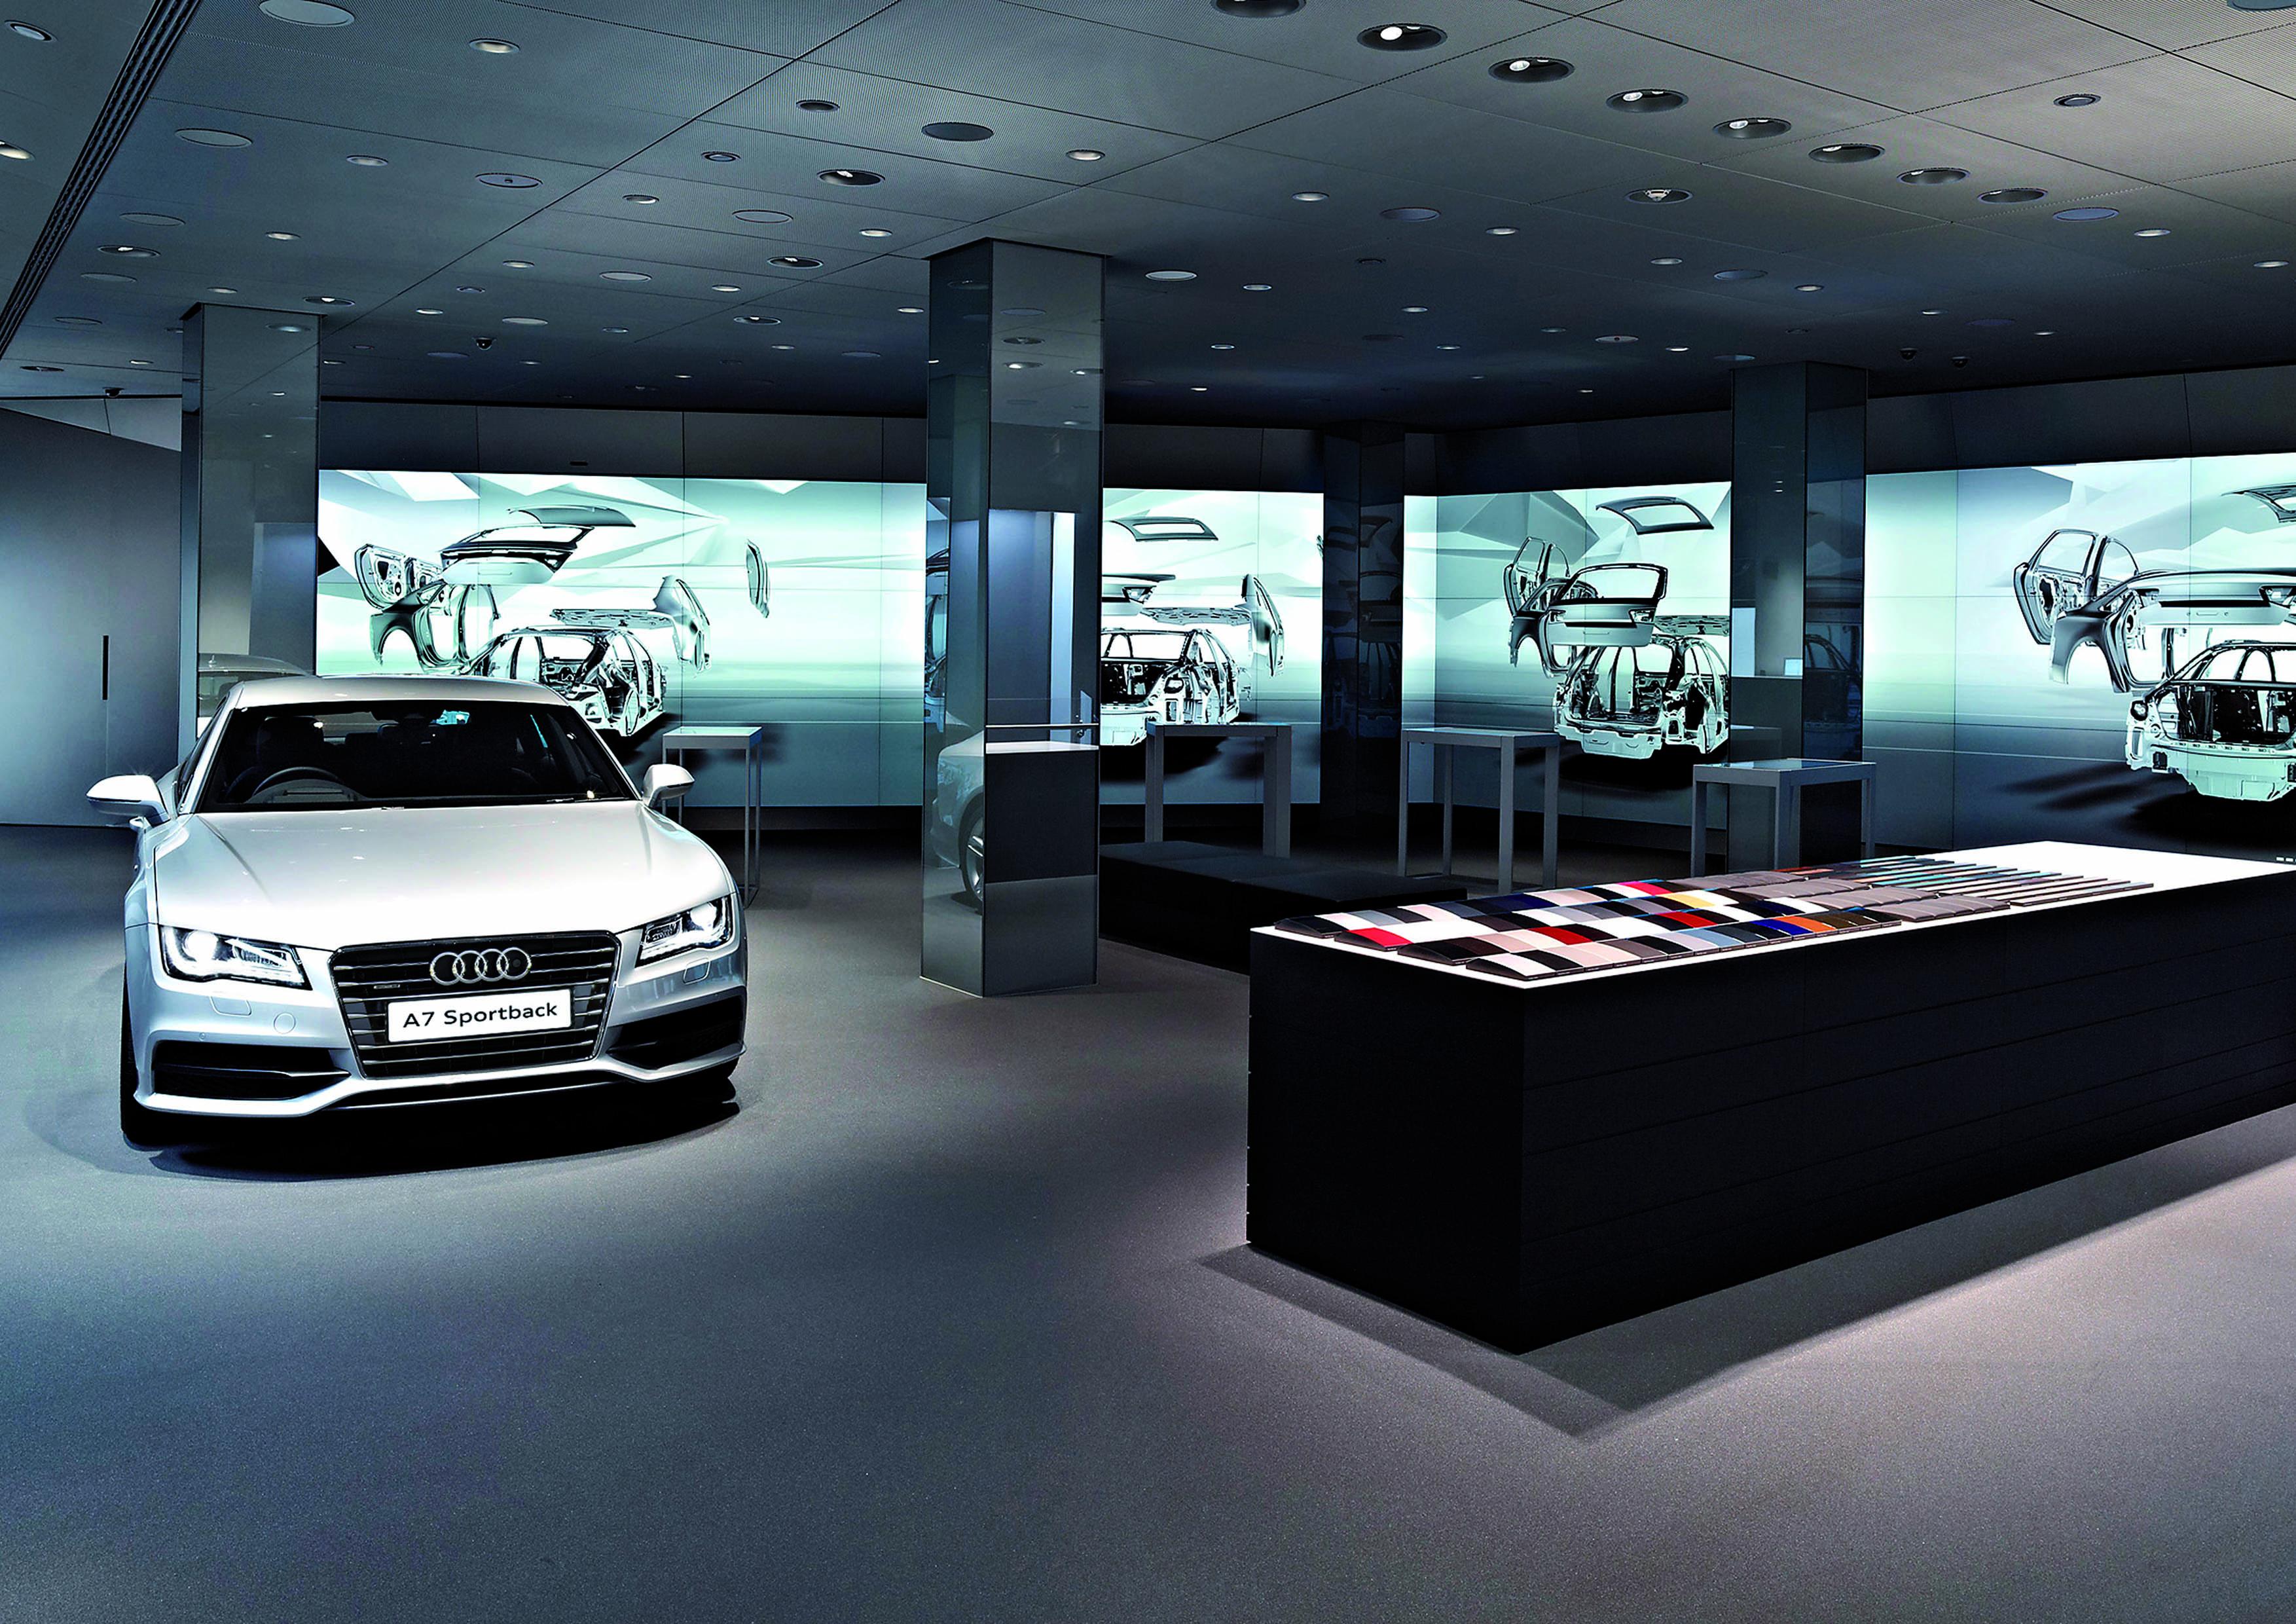 Full car service deals london